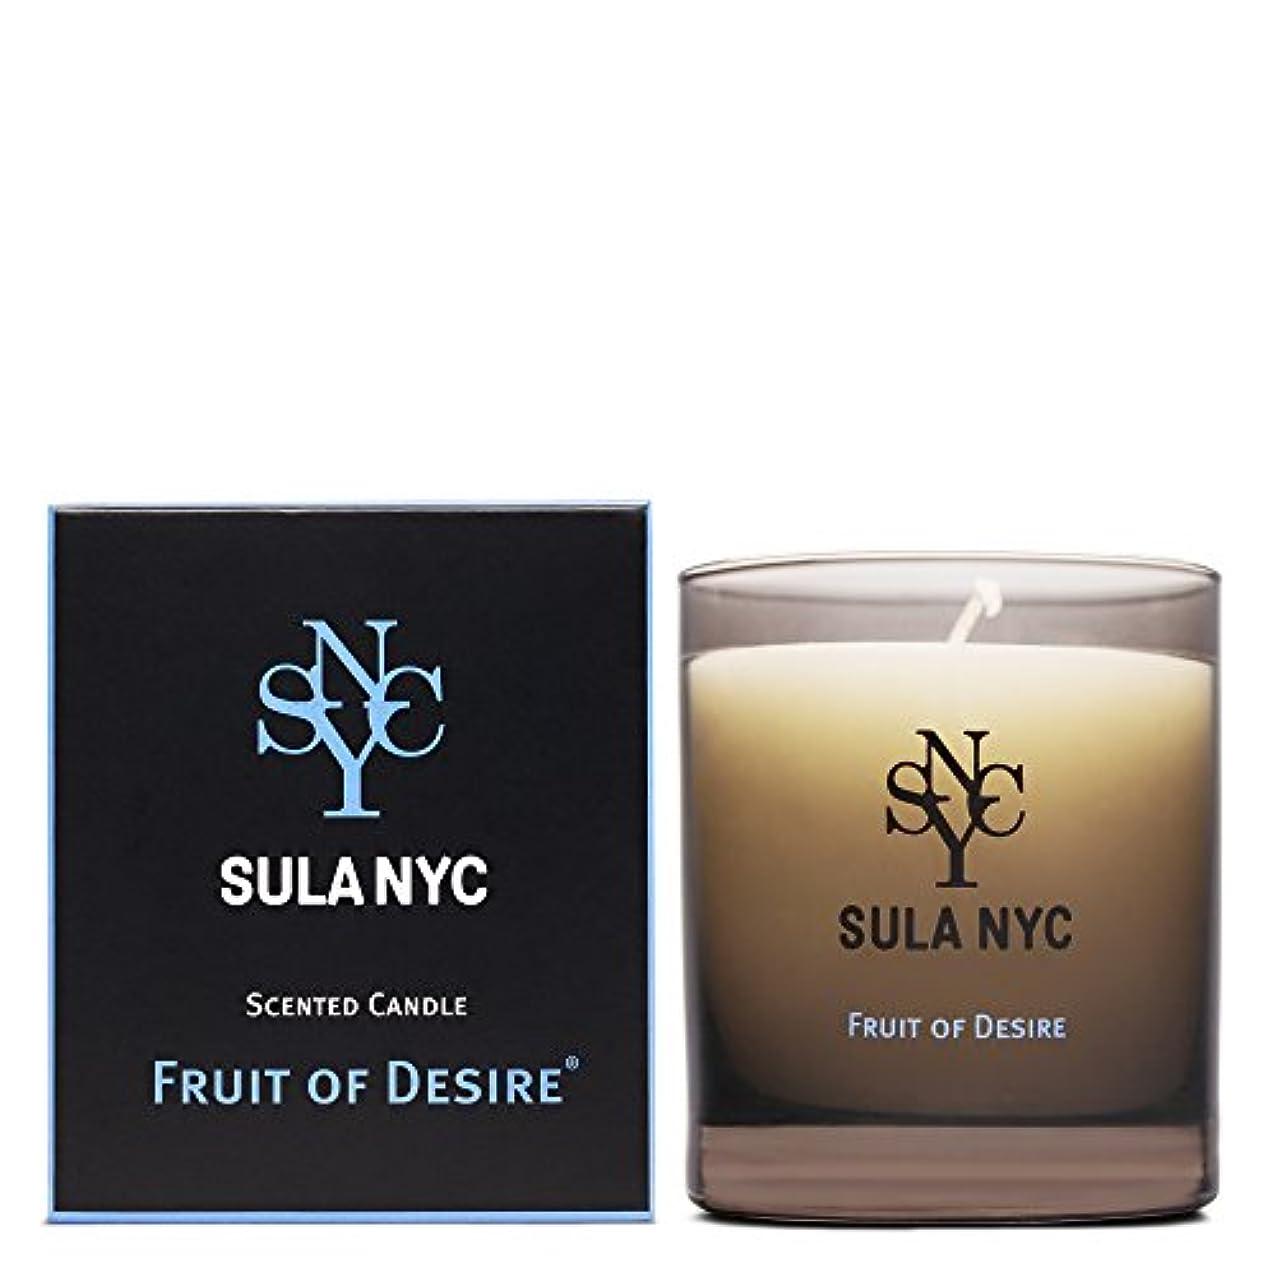 歯車アニメーション期限SULA NYC SCENTED CANDLE FRIT OF DESIRE スーラNYC センティッドキャンドル フルーツ?オブ?ディザイアー